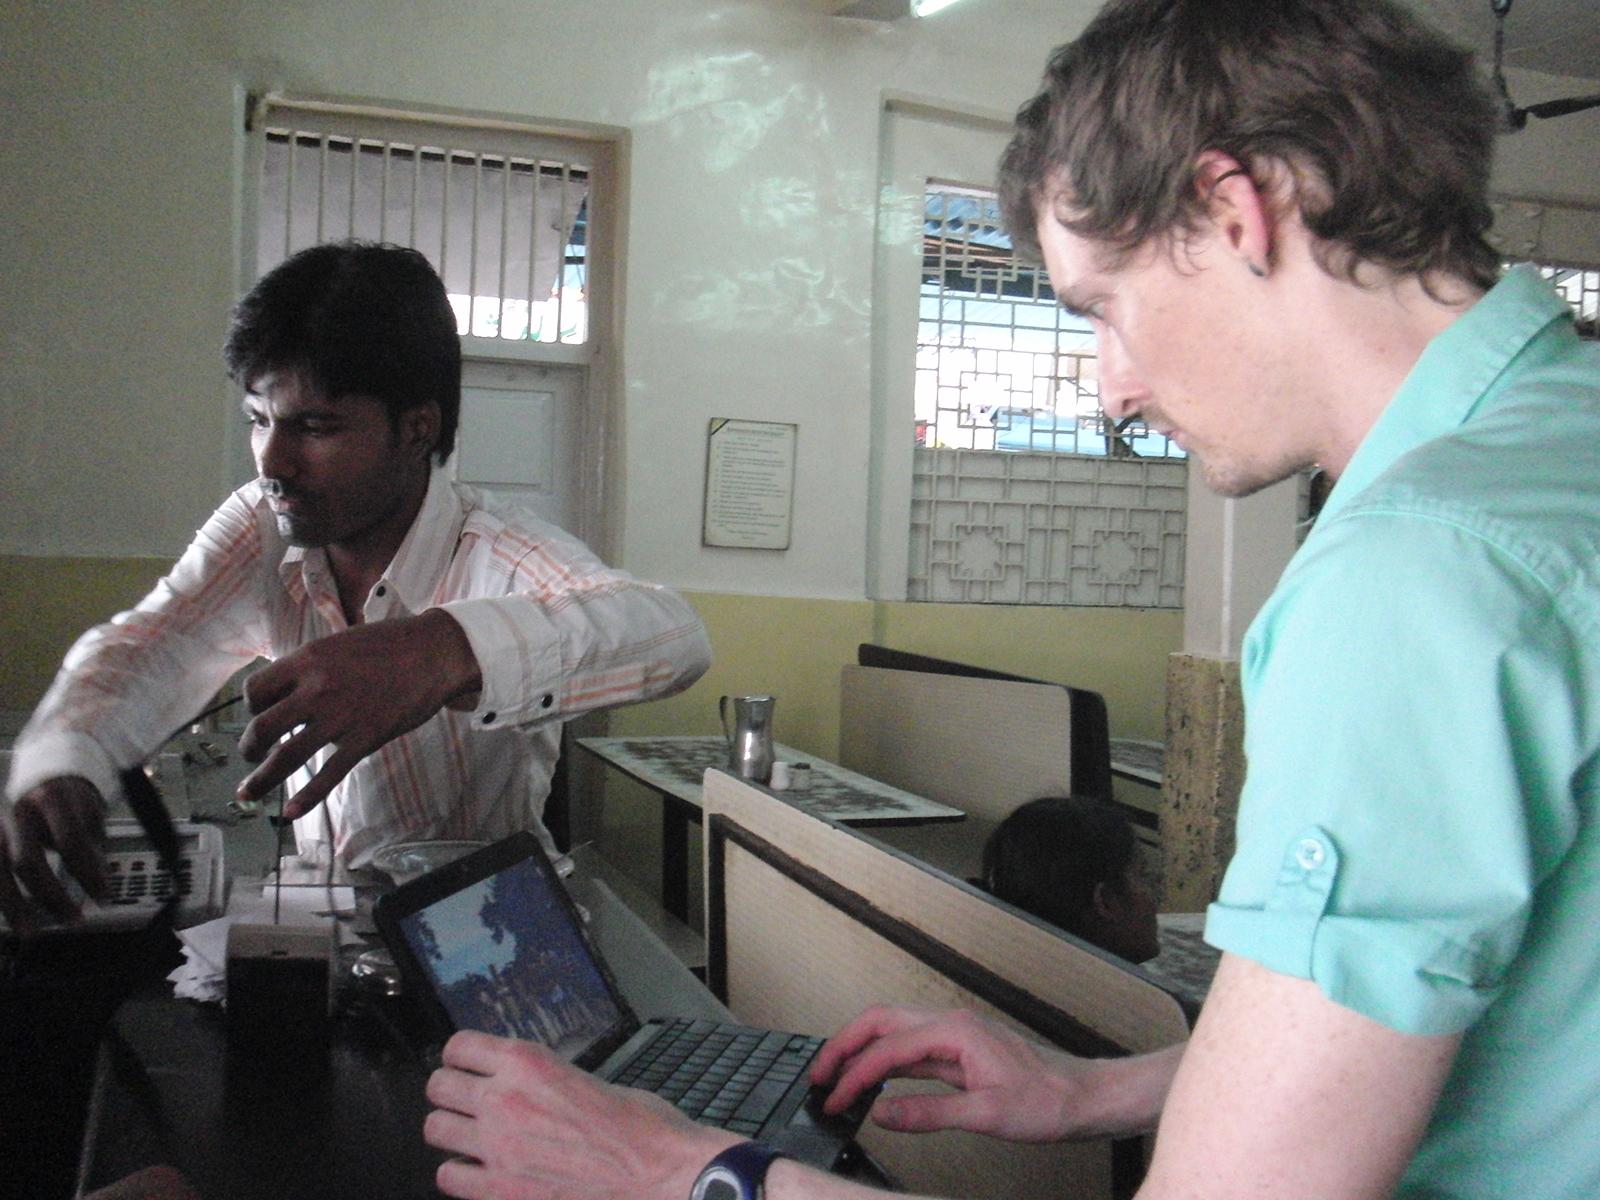 Entscheidungen, Indien, Reisen, unternehmerisches Feuer, Unternehmertum, David Stammel